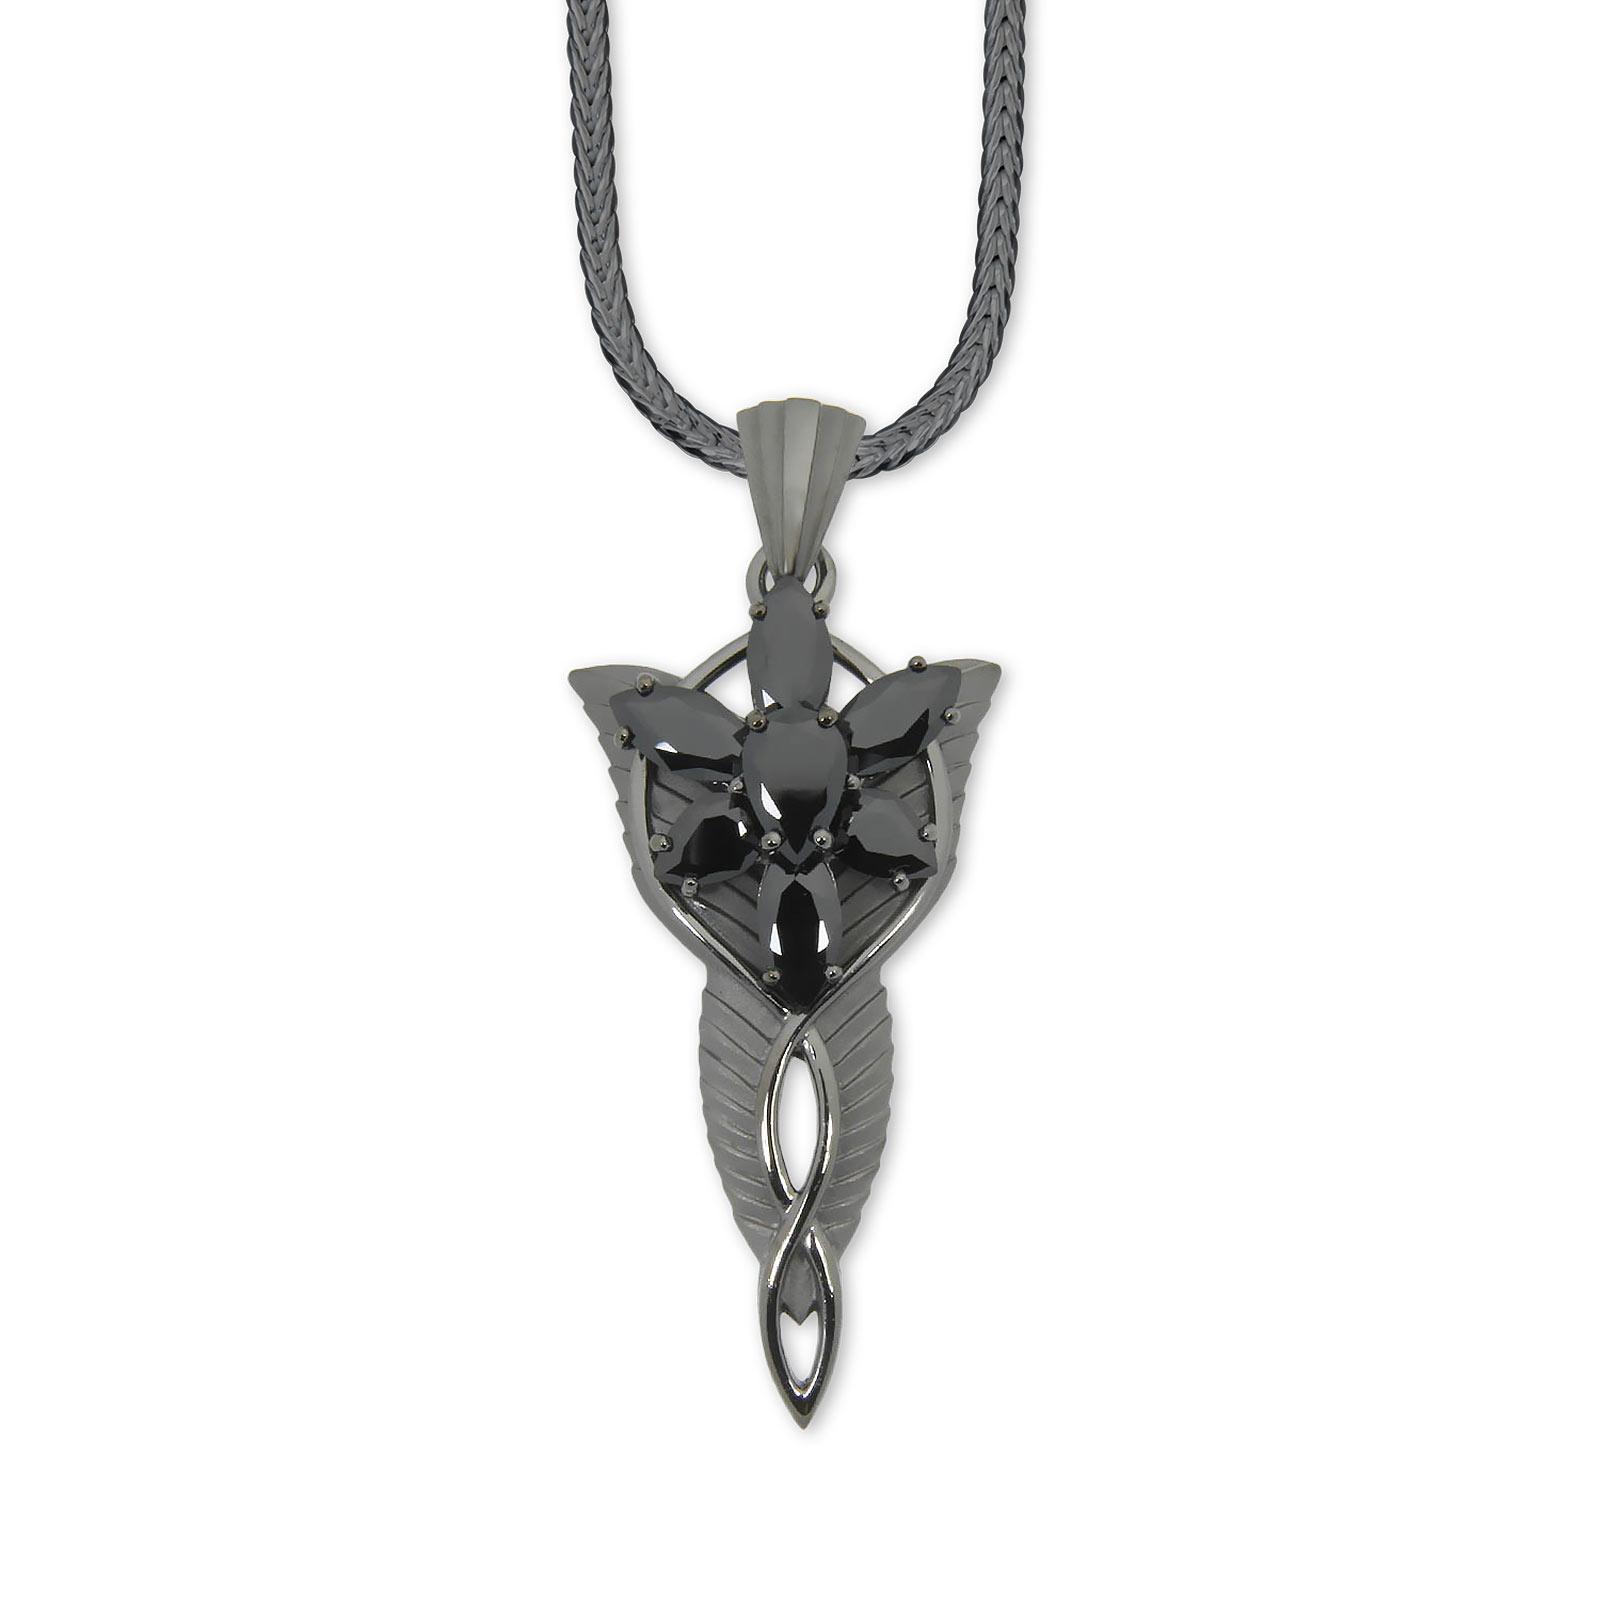 Arwens Abendstern inklusive Fuchsschwanzkette schwarz Dark Years Collection